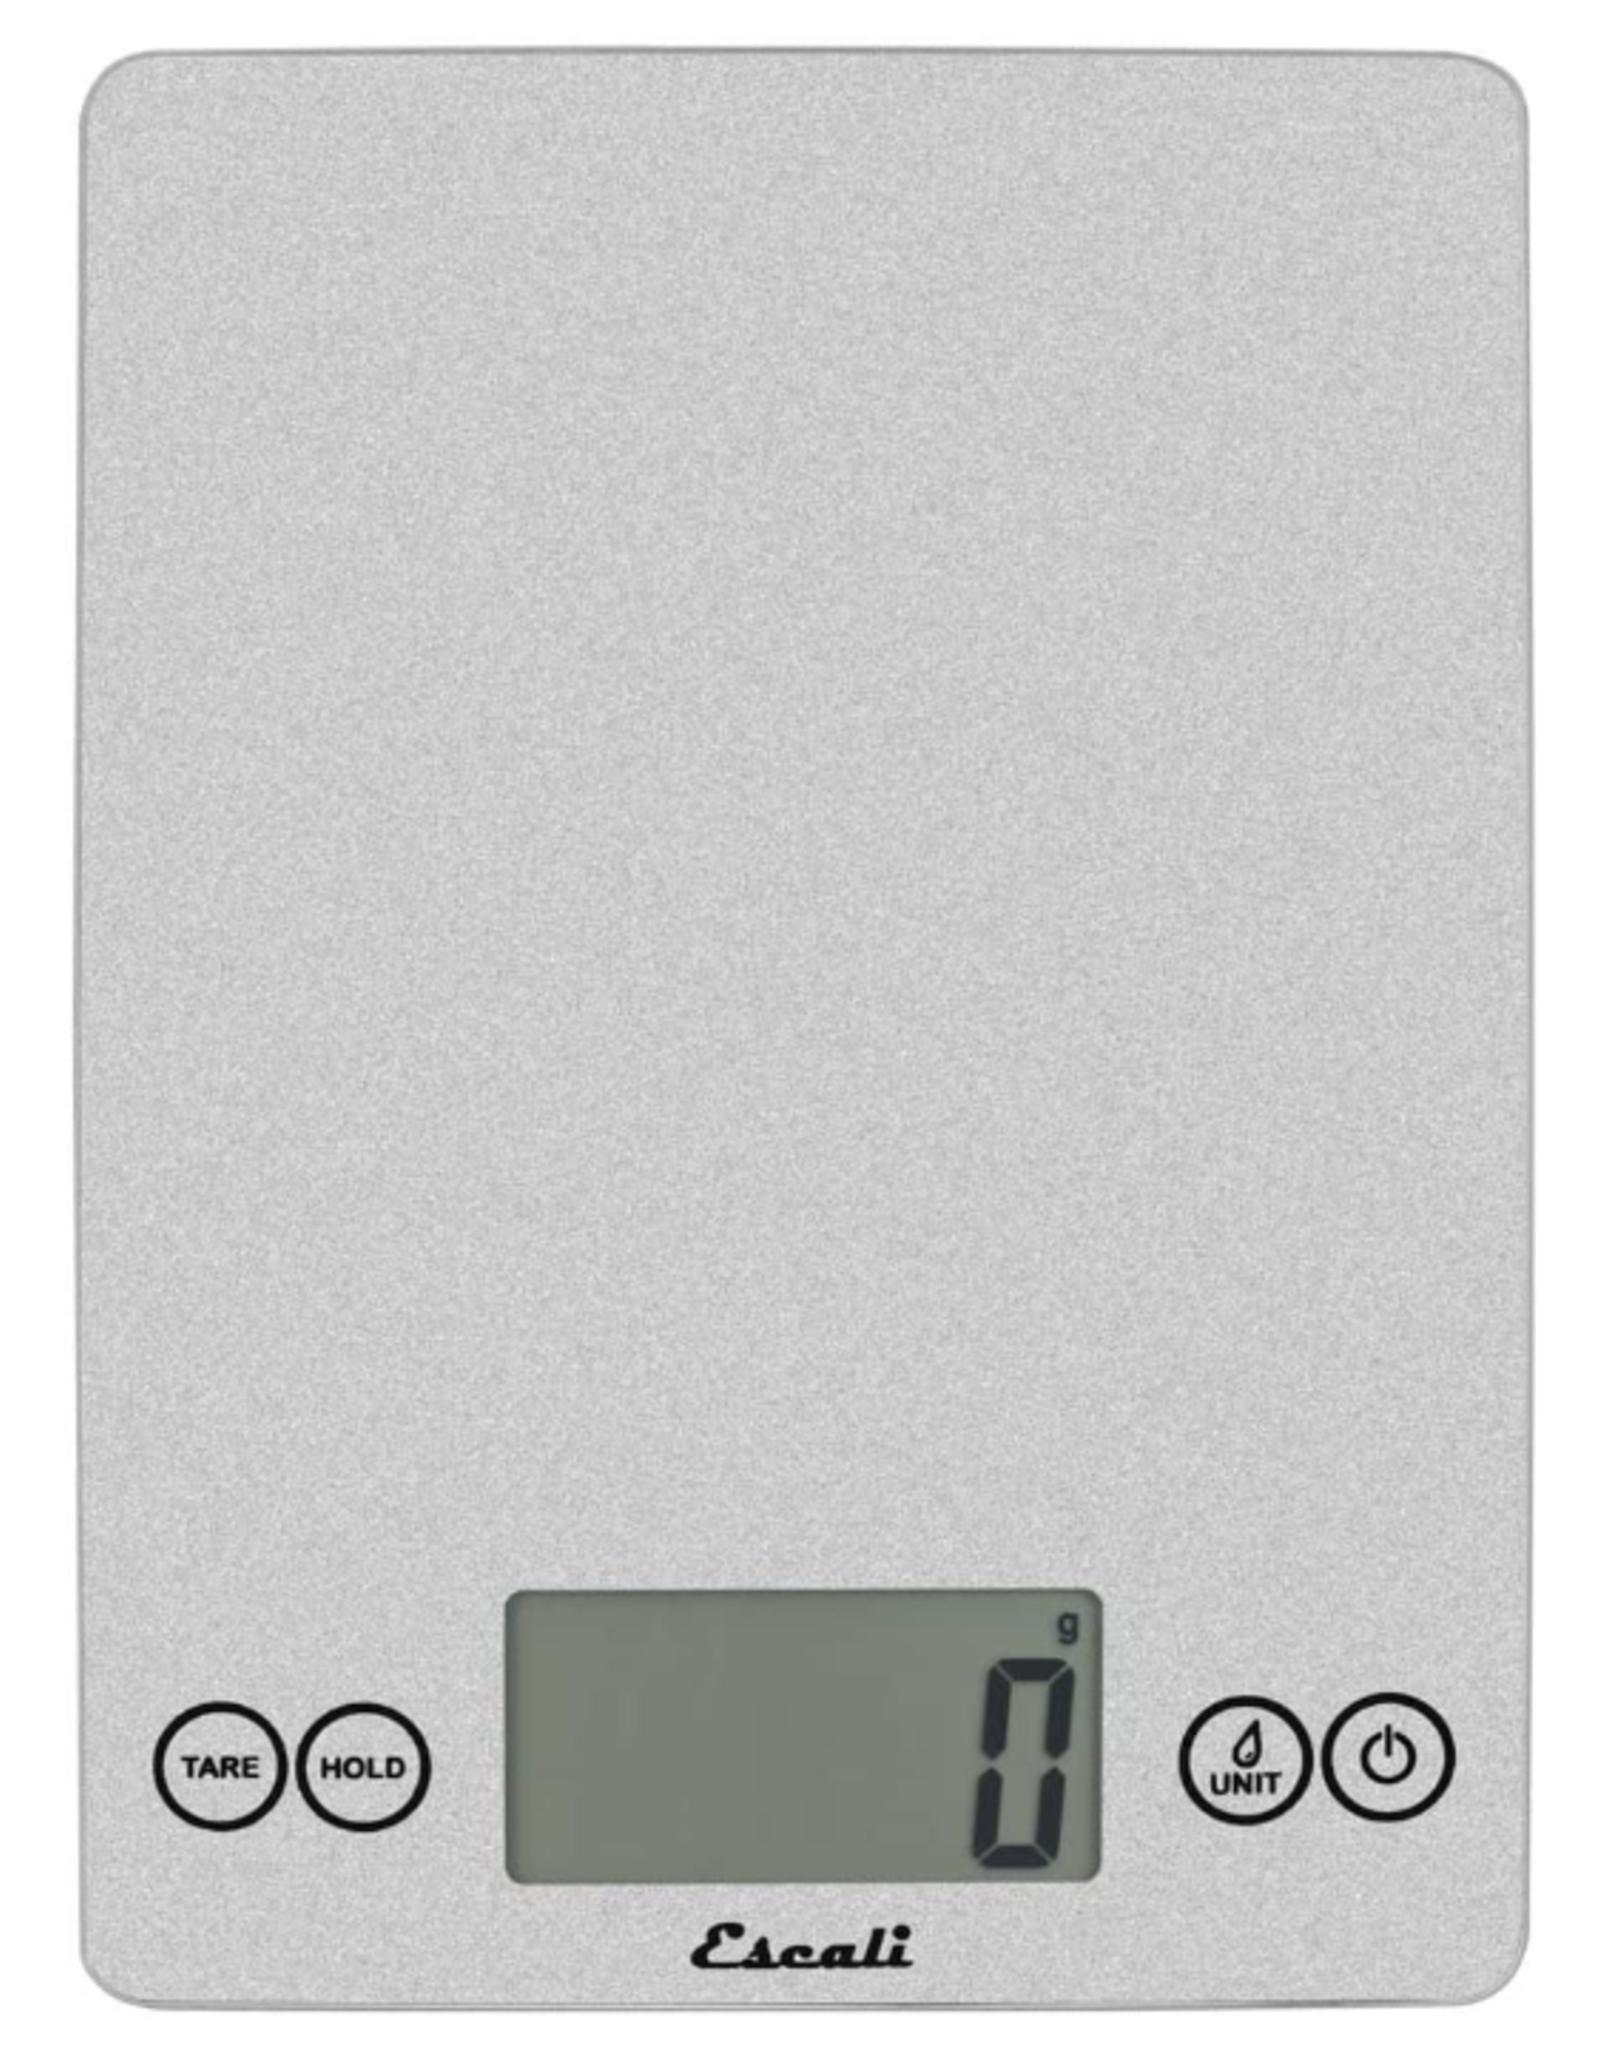 Escali Arti Glass Digital Scale, shiny silver